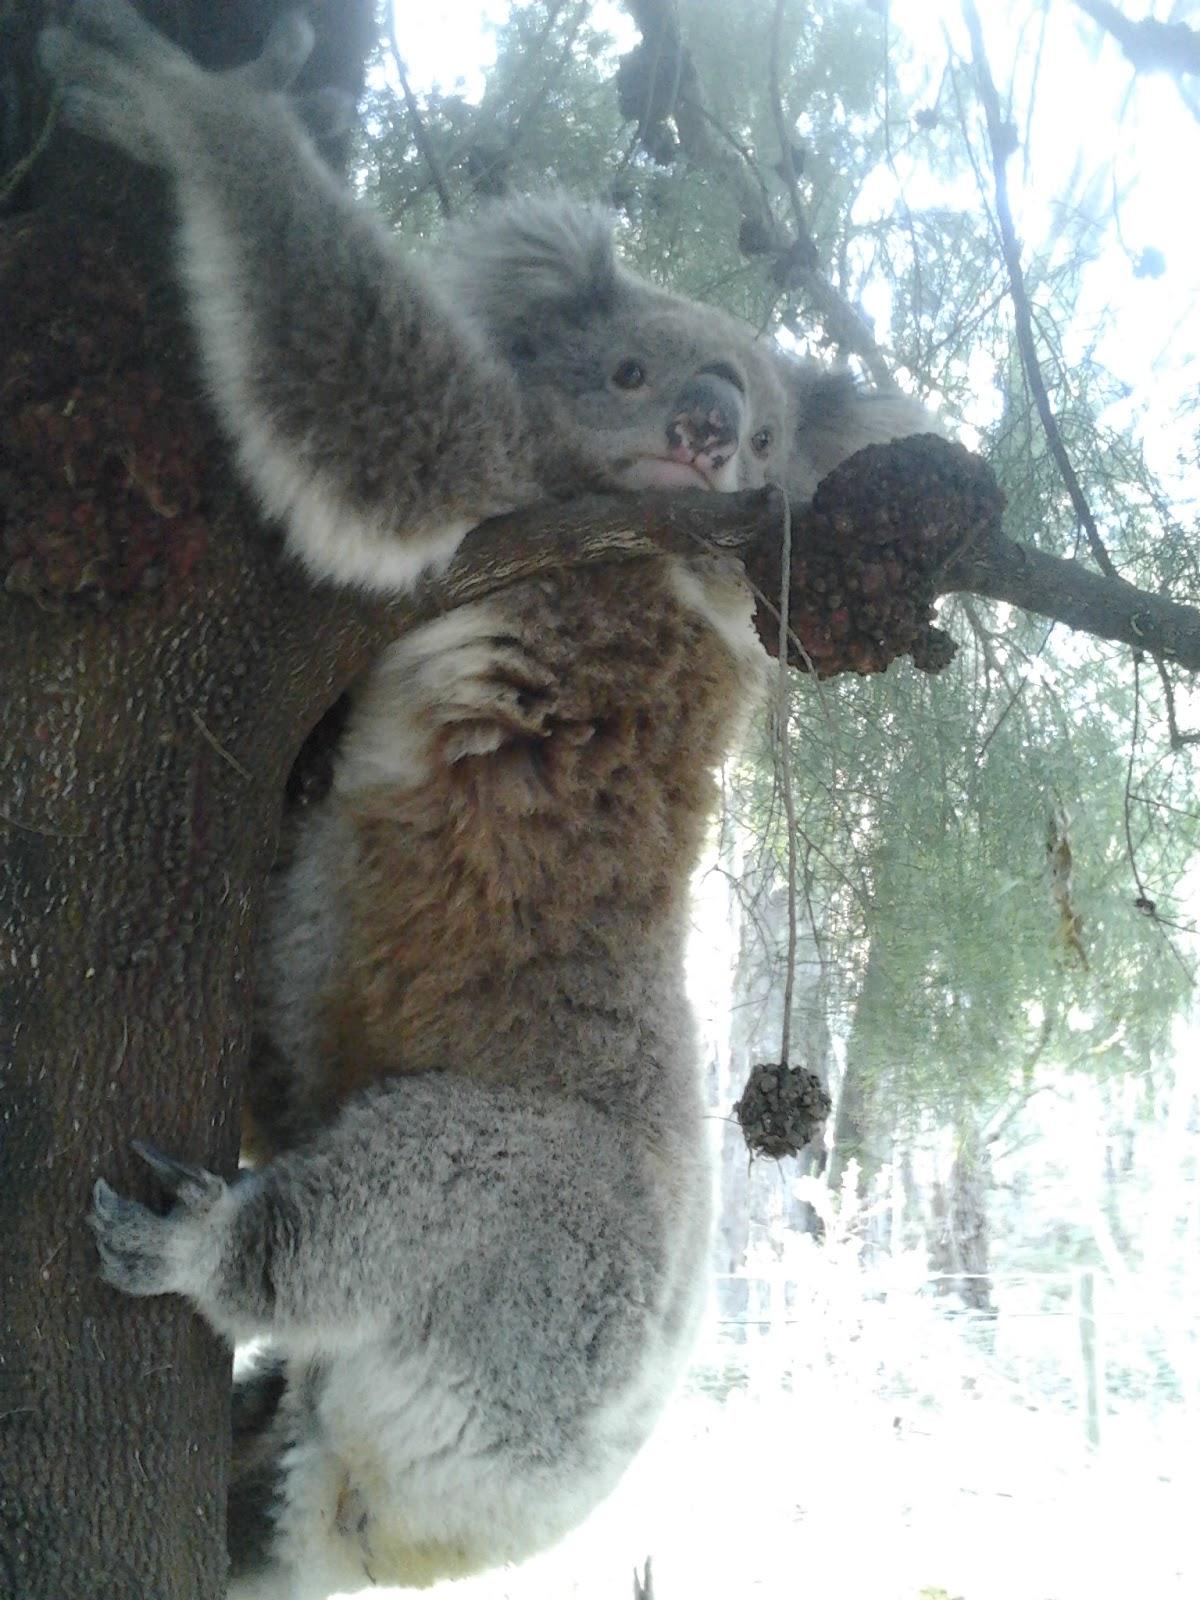 Koala bear on a very hot day